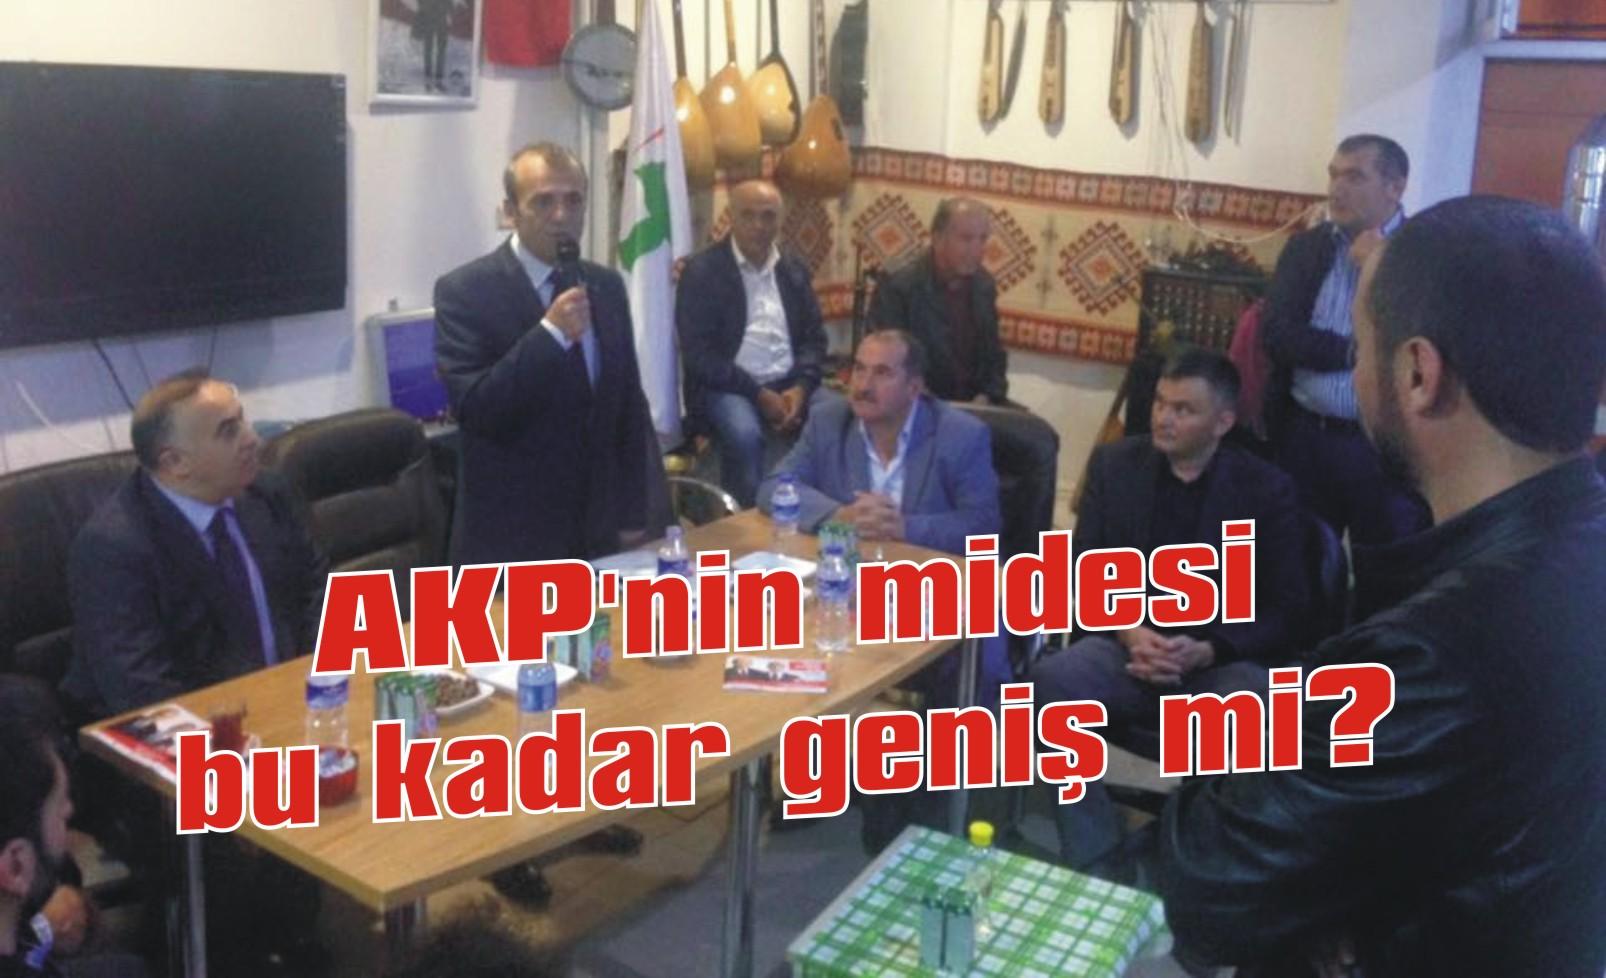 AKP'nin midesi bu kadar geniş mi?